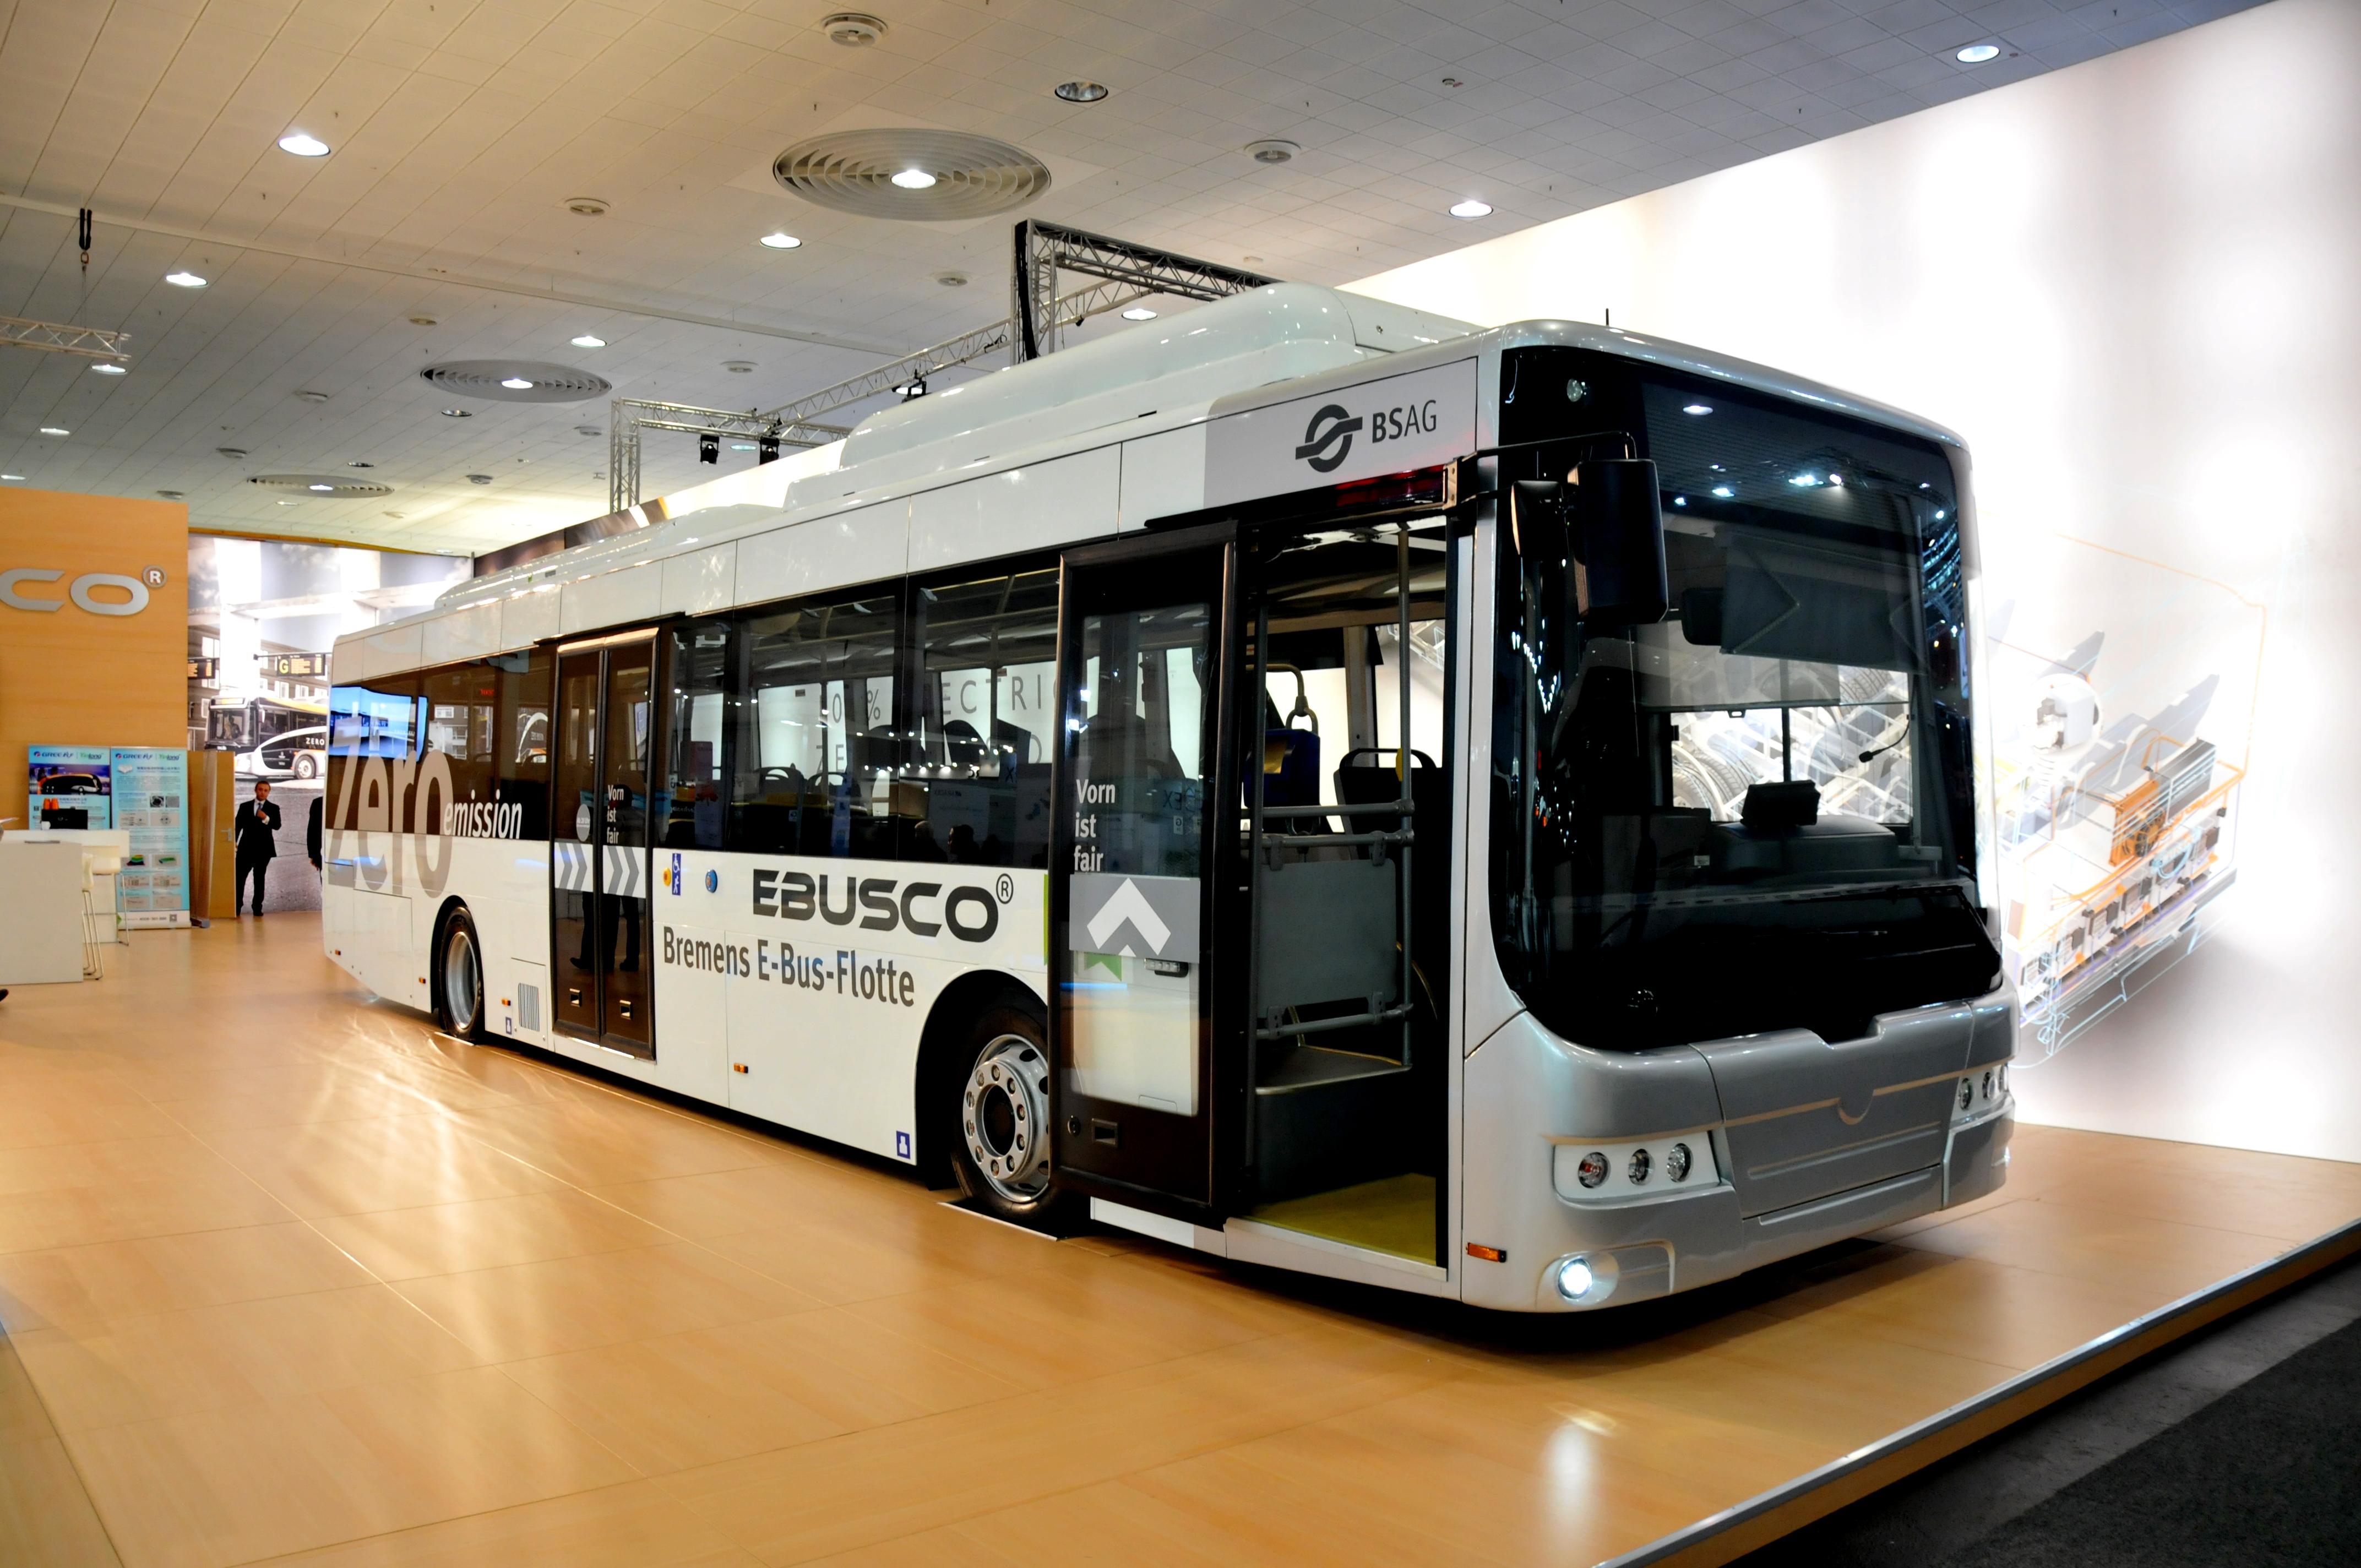 Új fejlesztésű, hosszú élettartamú, tisztán elektromos autóbusz: Az Ebusco 3.0